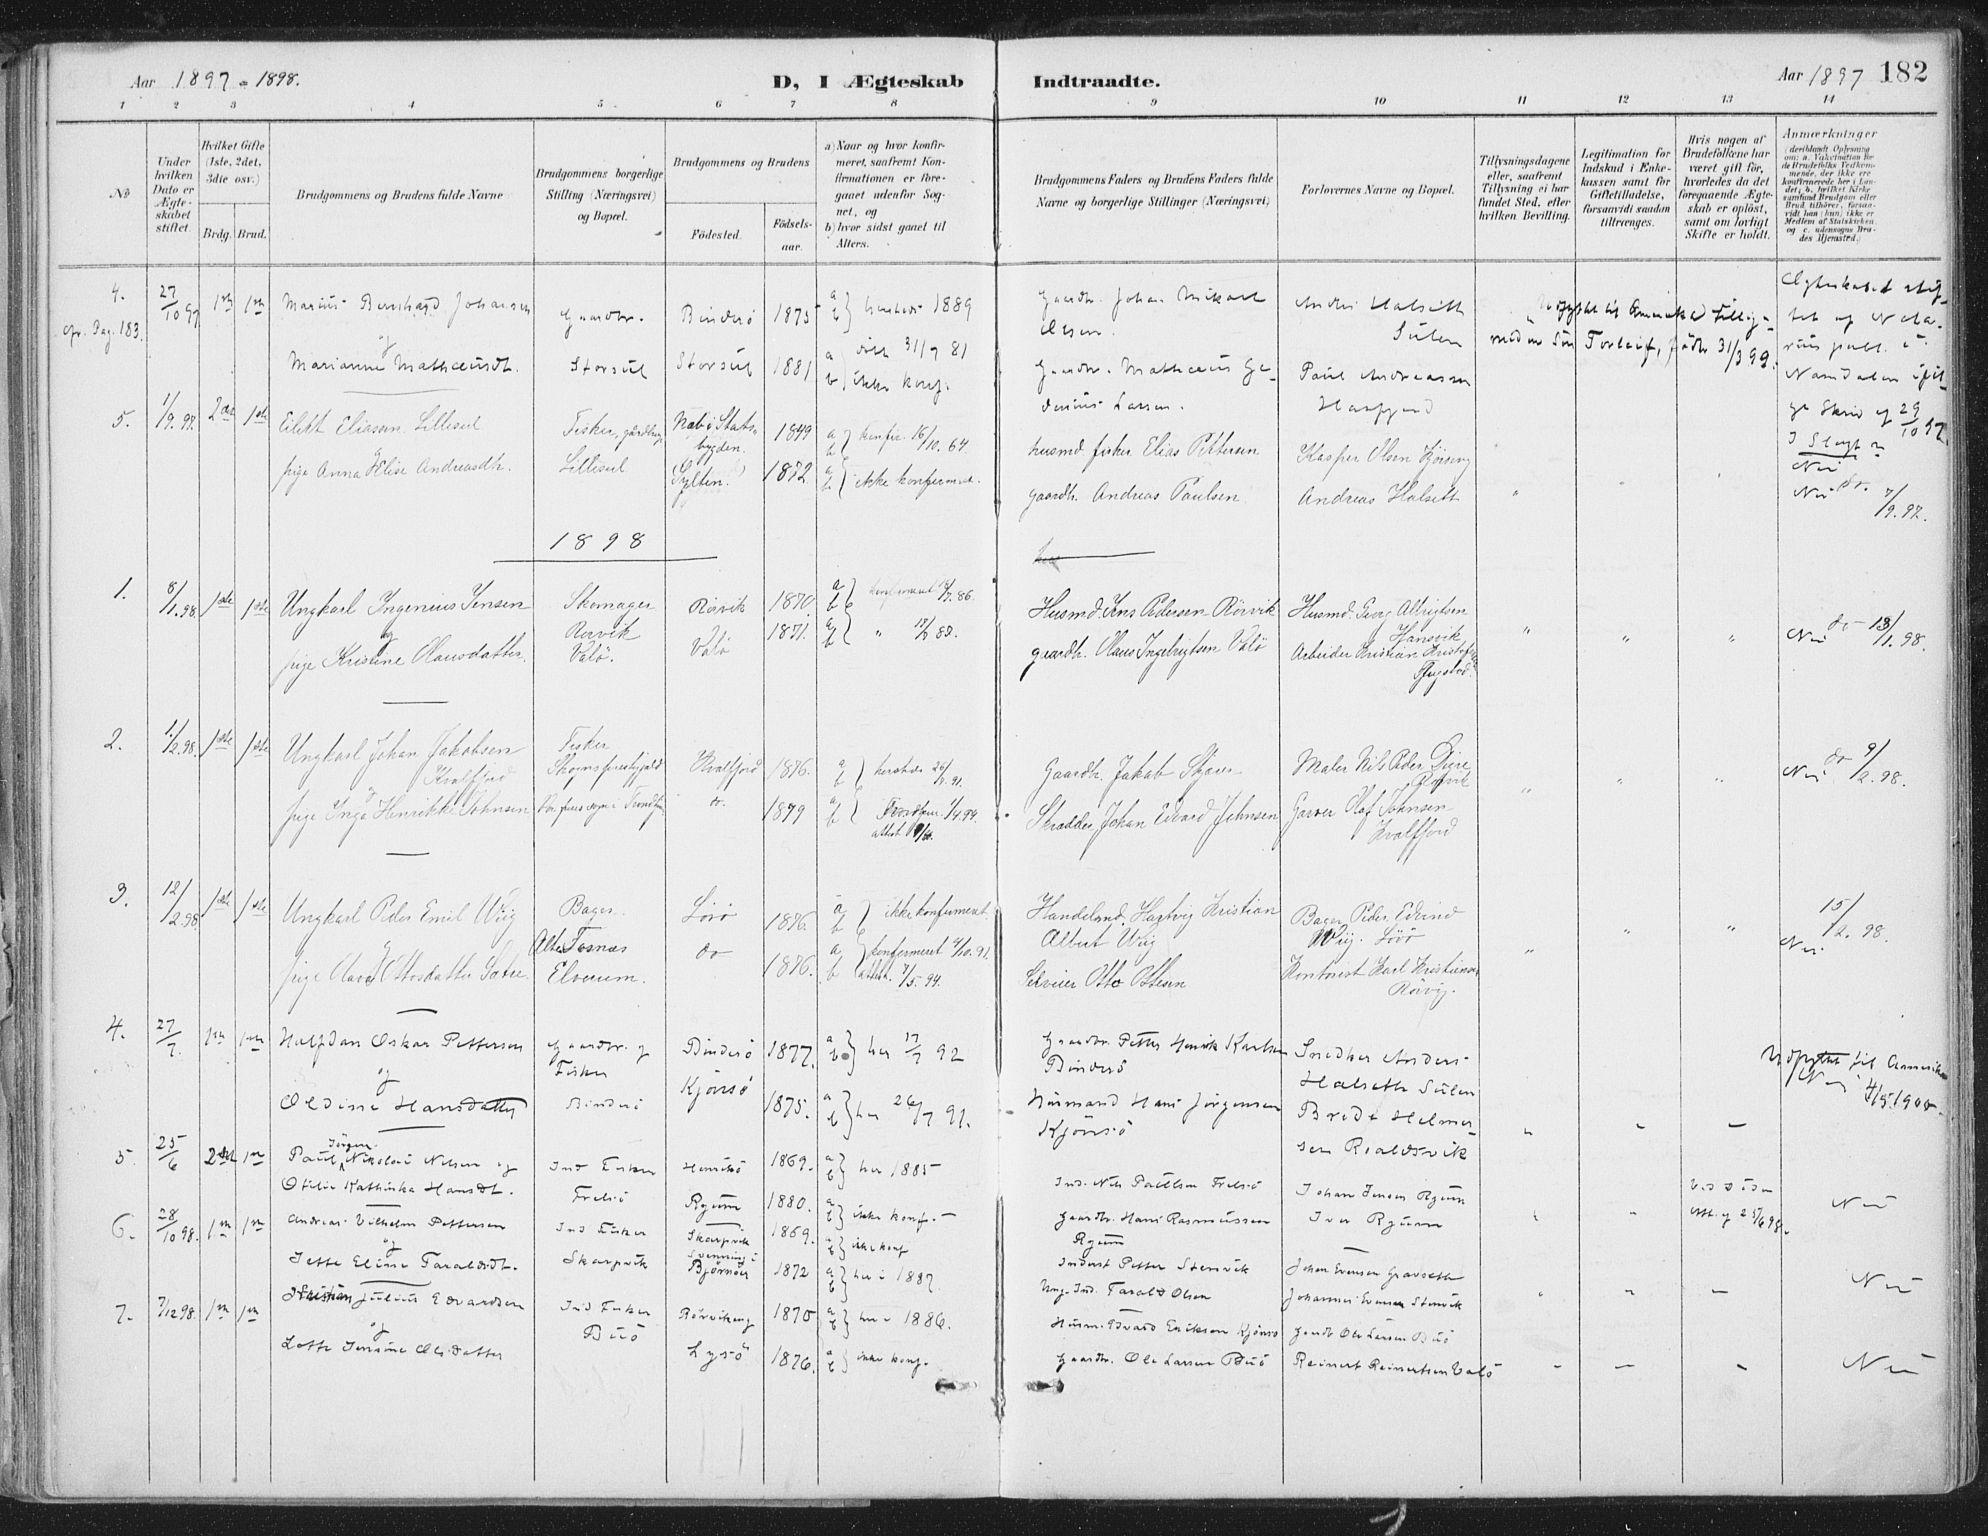 SAT, Ministerialprotokoller, klokkerbøker og fødselsregistre - Nord-Trøndelag, 786/L0687: Ministerialbok nr. 786A03, 1888-1898, s. 182